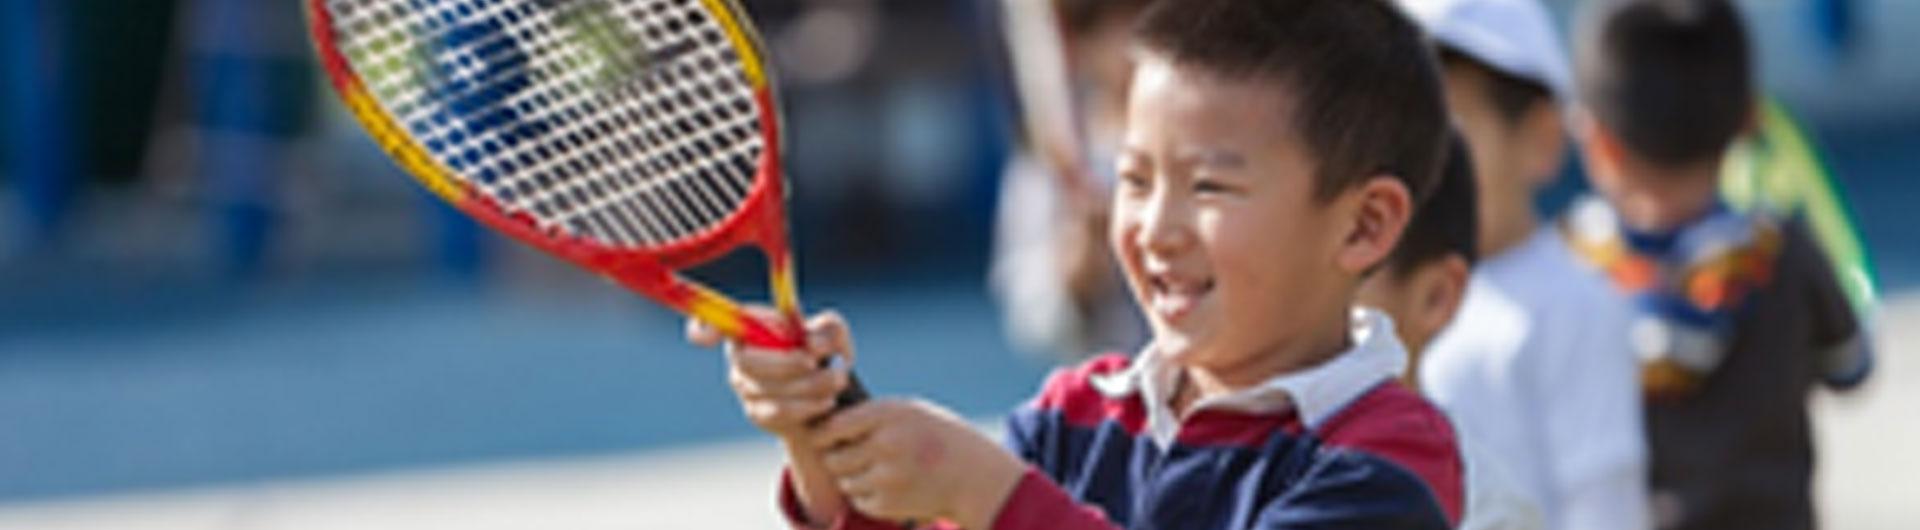 An Asian boy holding a tennis racket